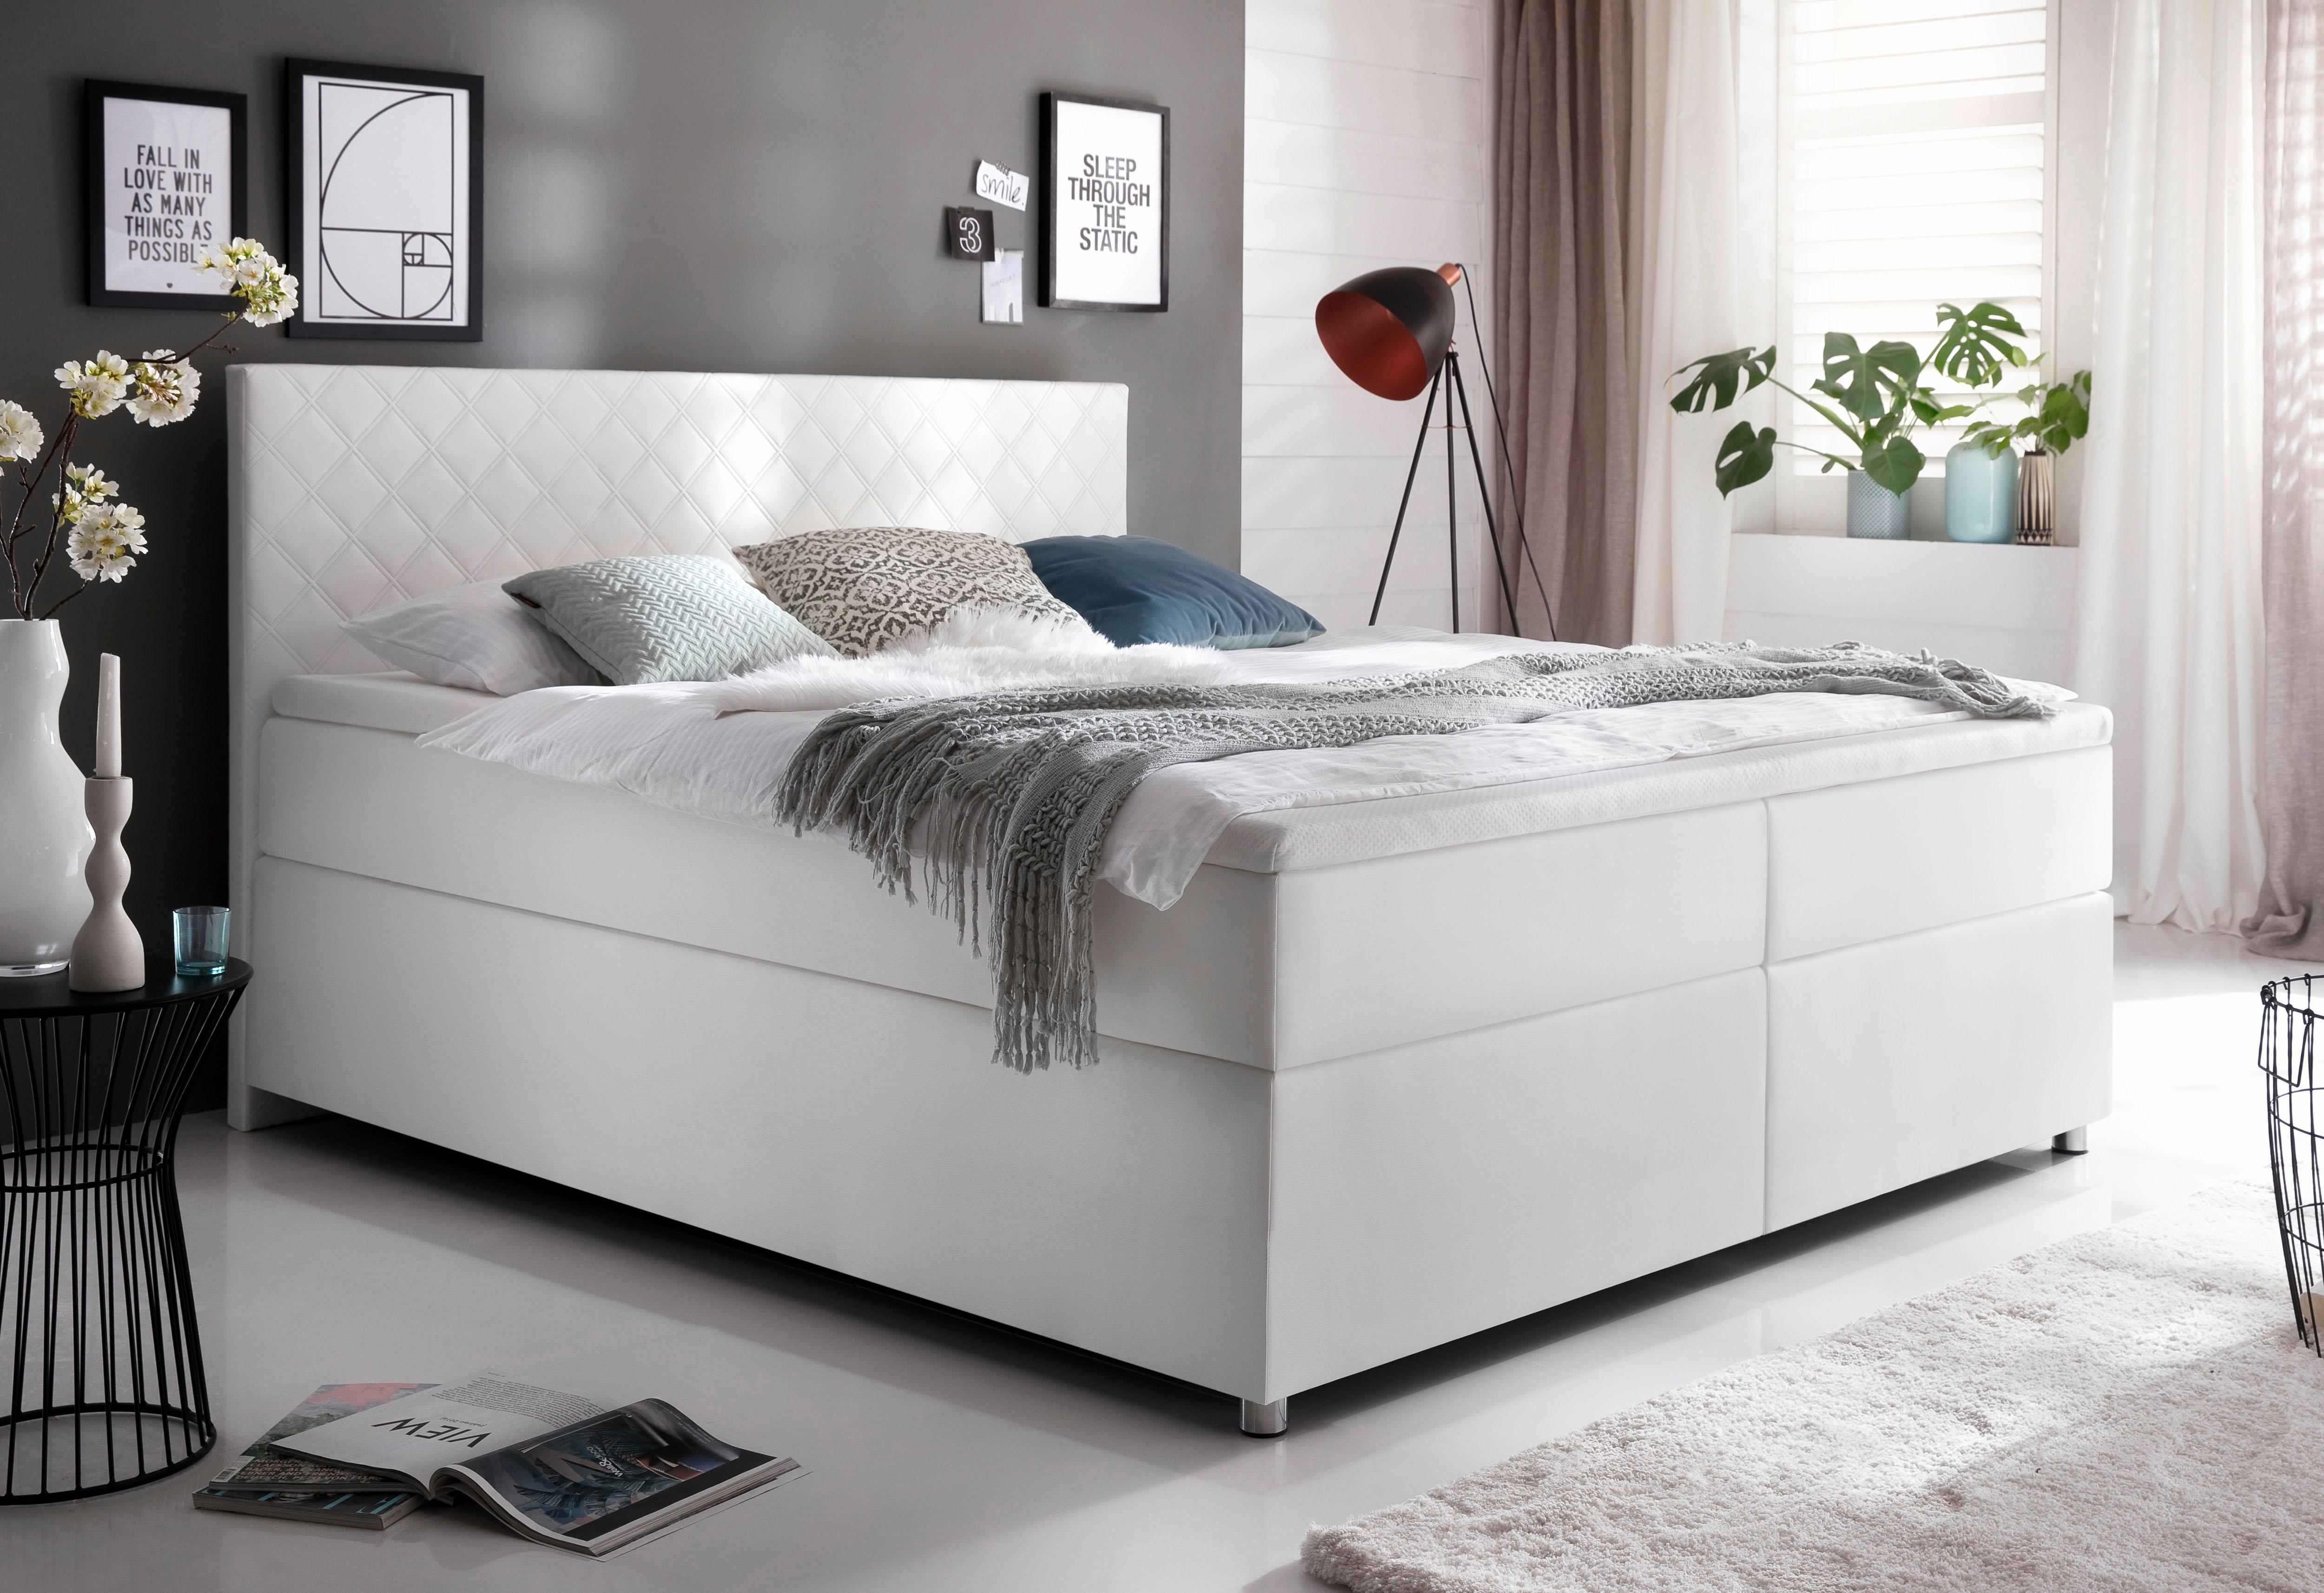 meise m bel boxspringbett in kunstleder auf rechnung kaufen. Black Bedroom Furniture Sets. Home Design Ideas